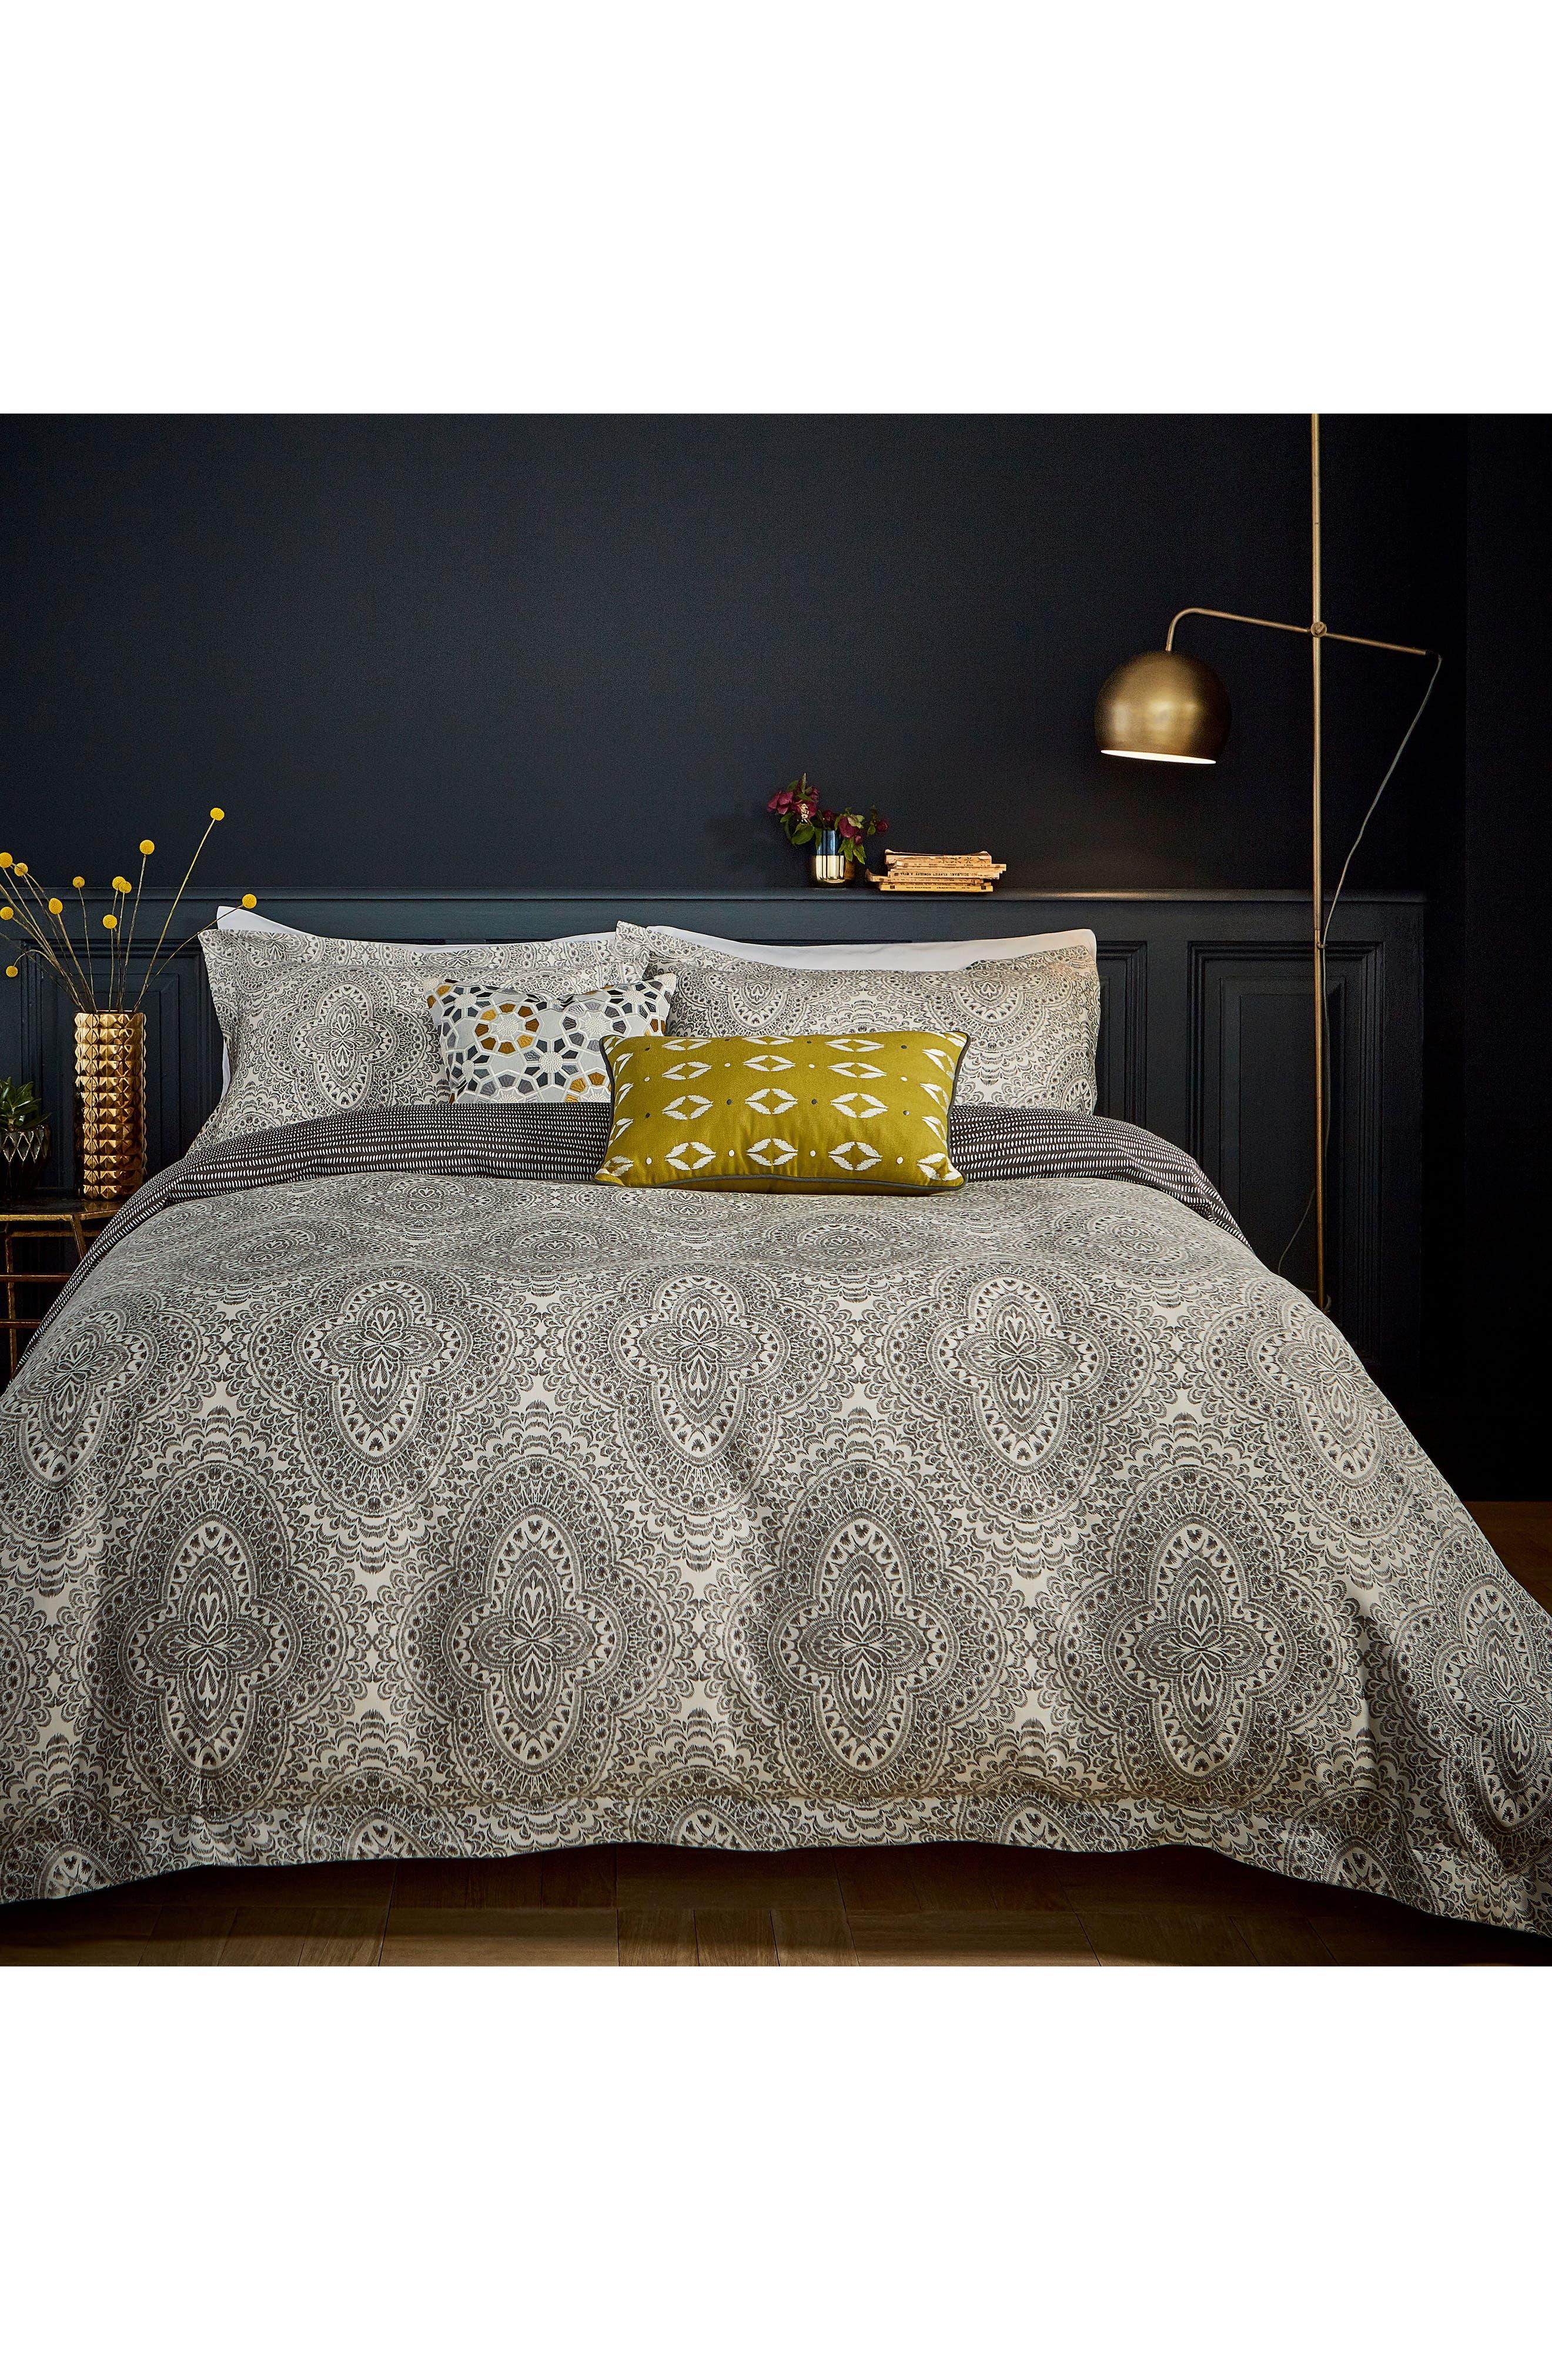 Bedeck Ziba Duvet Cover, Sham & Accent Pillow Set